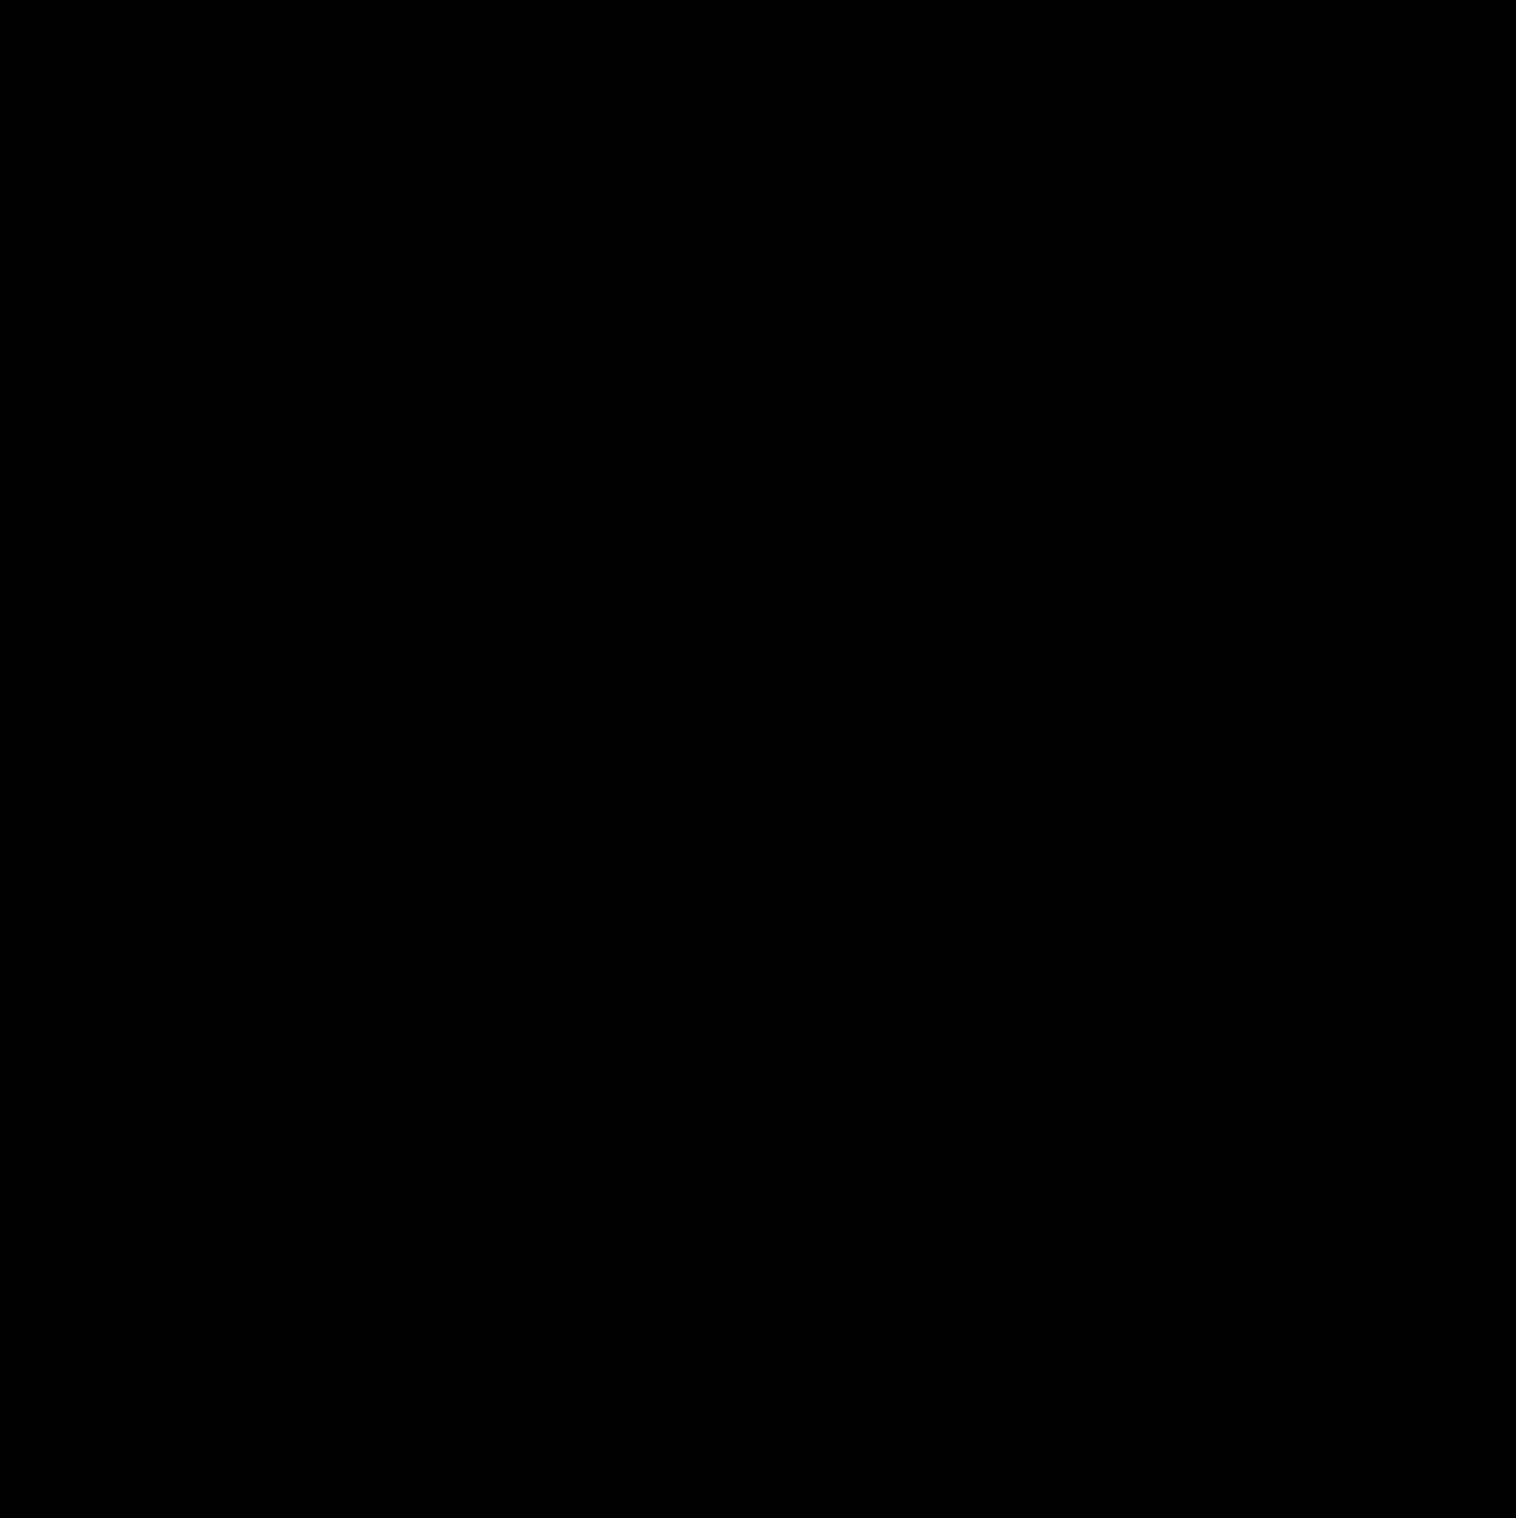 #3KV vendredi 25 mars 2016